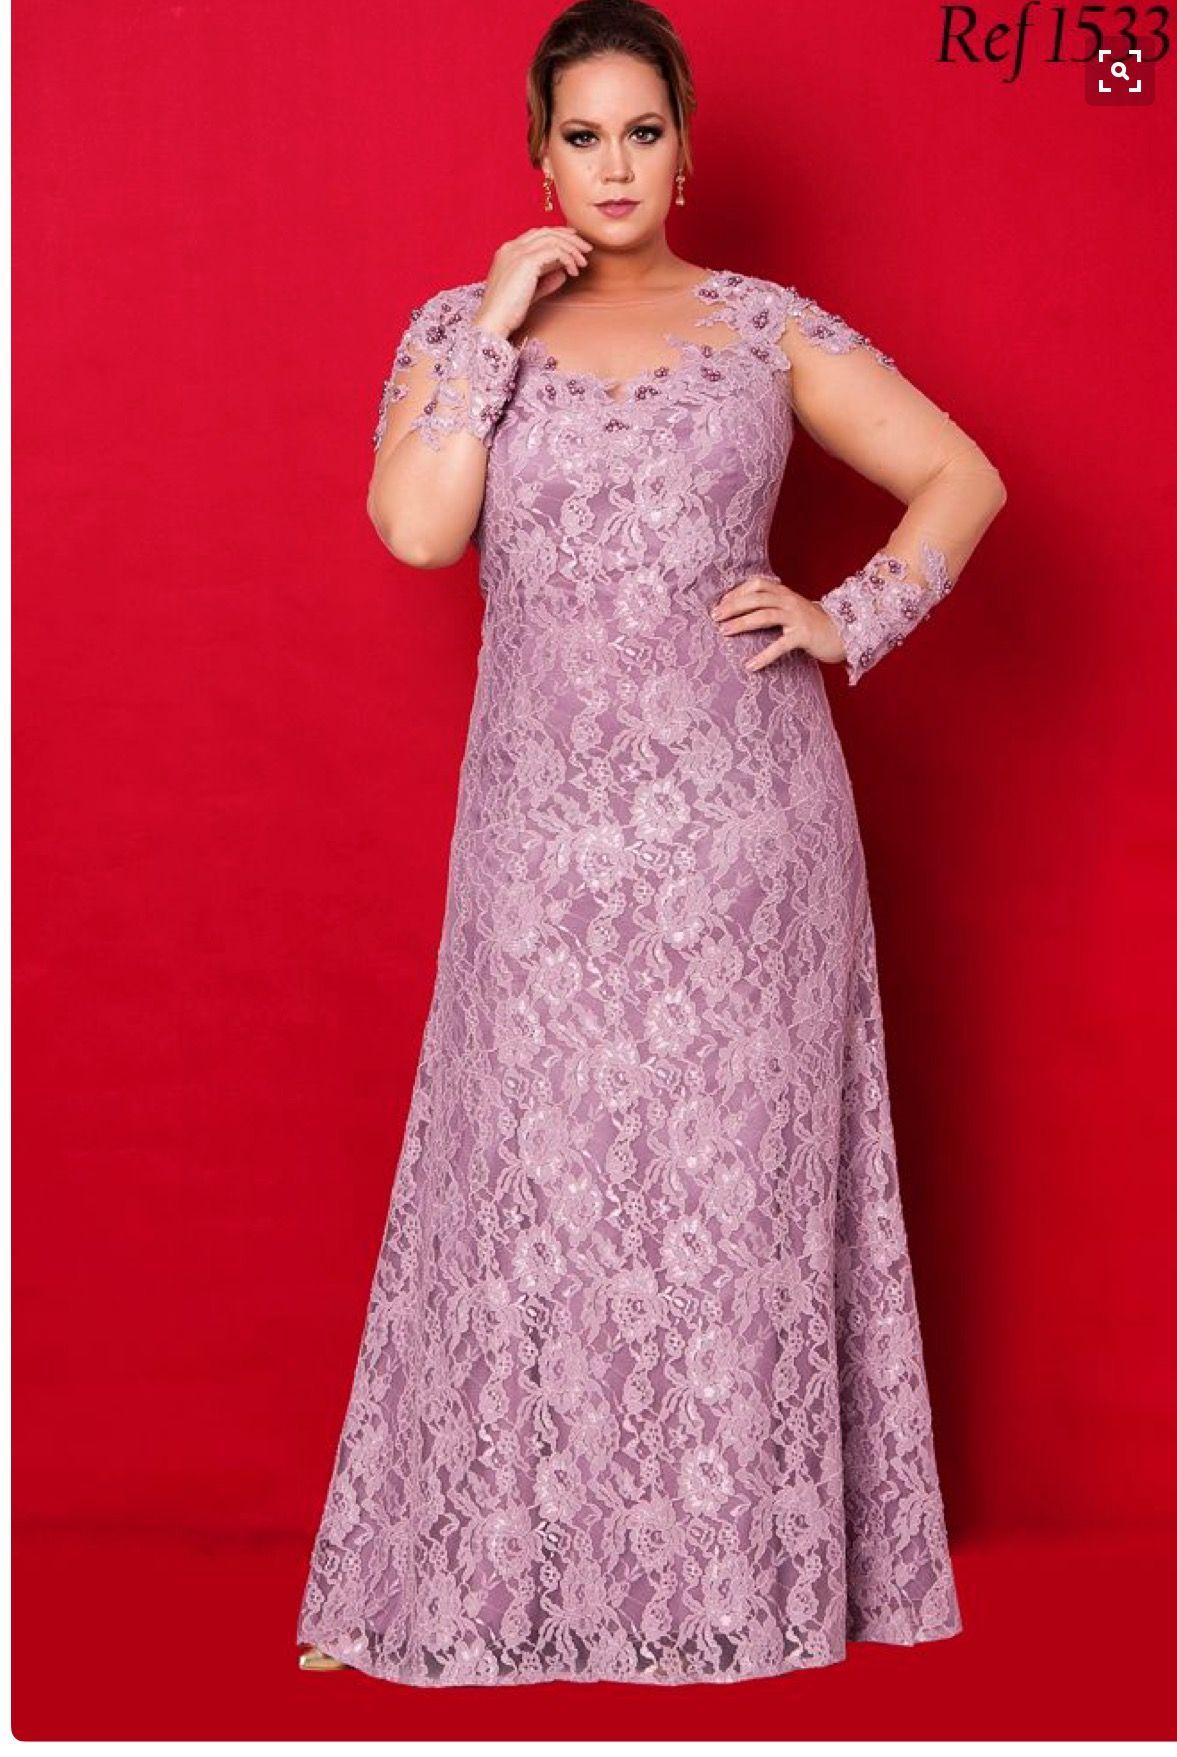 Pin de Maria Neuza Dos Santos en vestidos Kathina | Pinterest ...